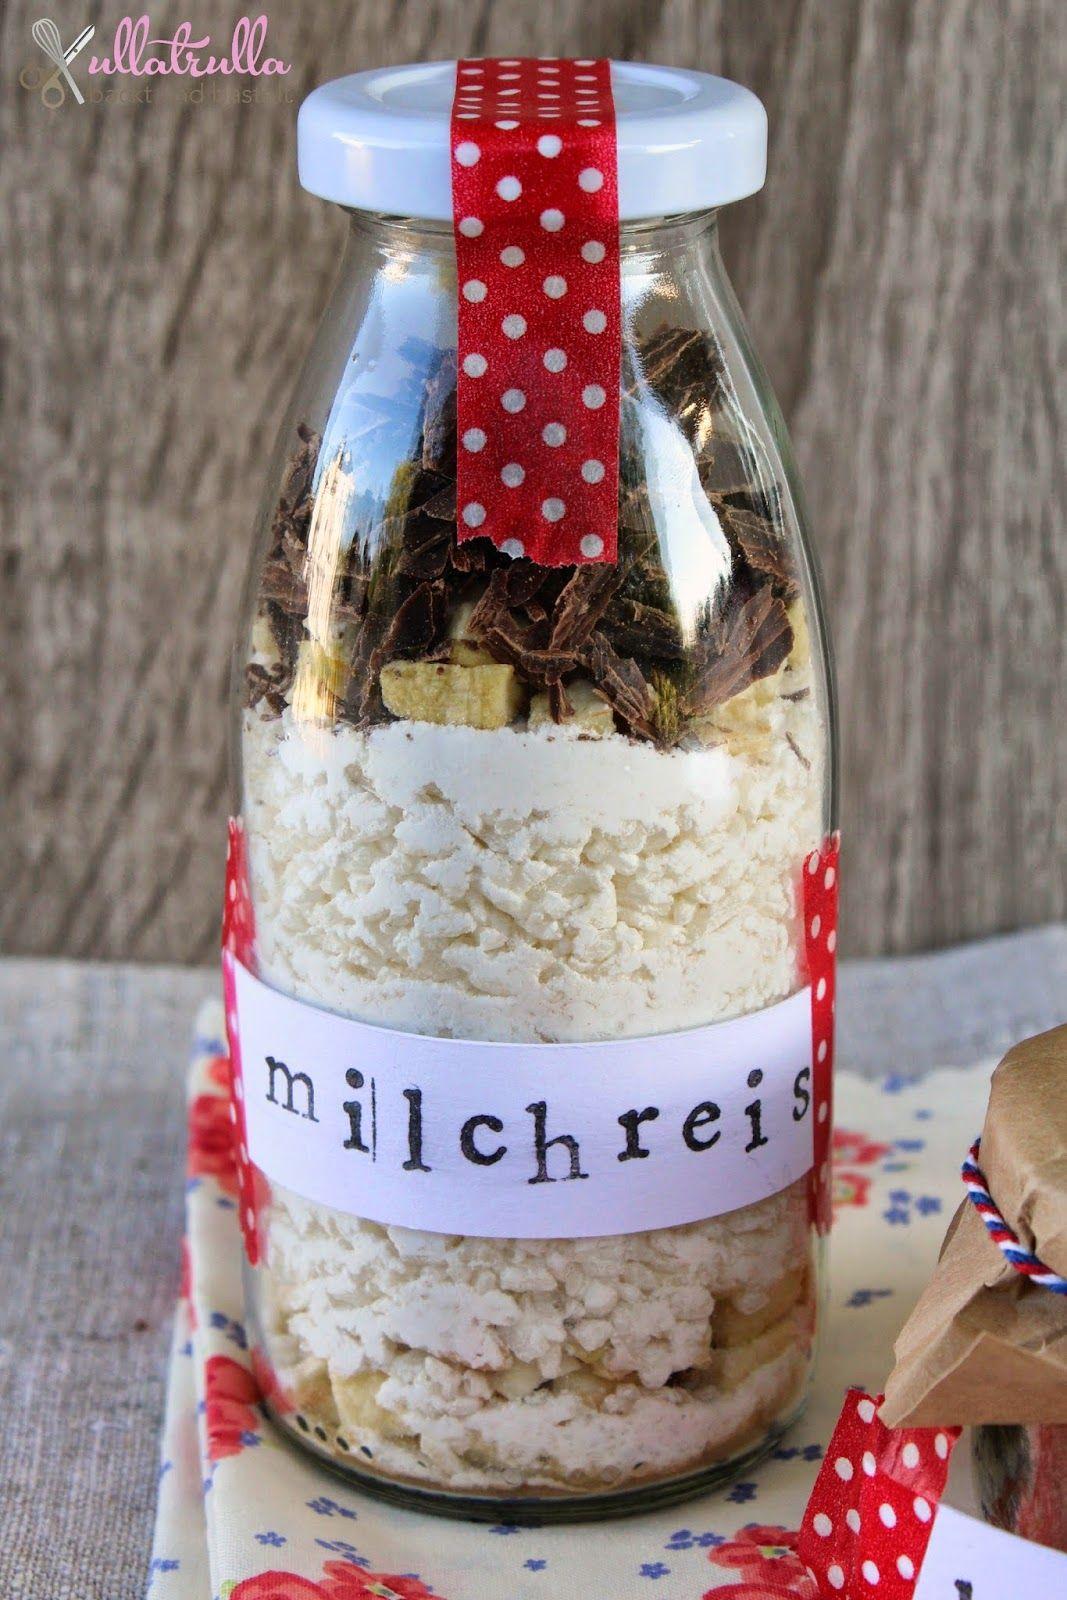 foodblog aus düsseldorf, cupcakes, foodblogger, kuchen, backen